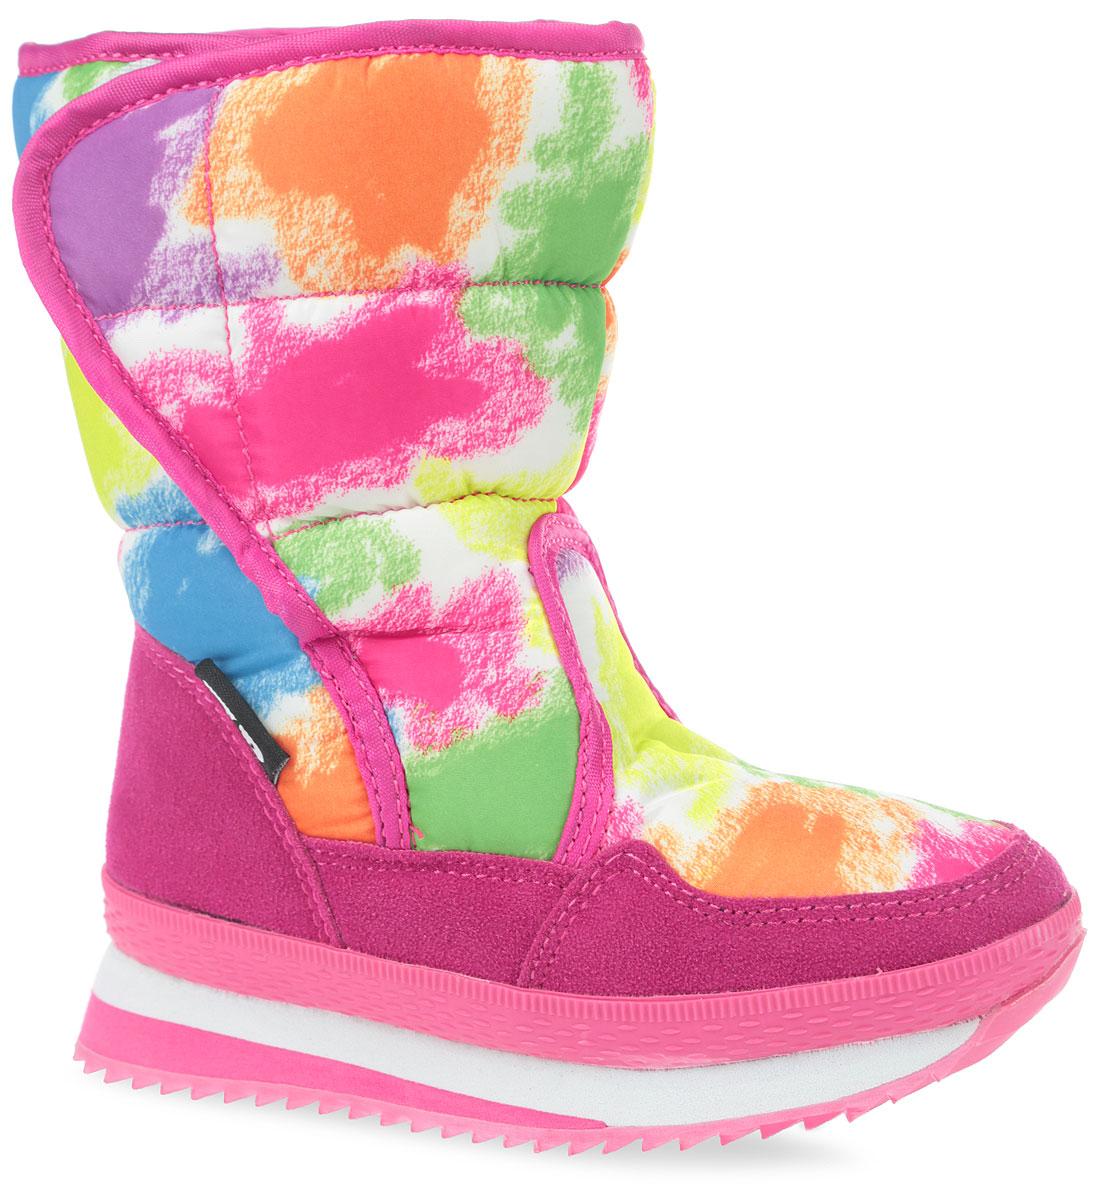 Полусапоги для девочки. 925-621IM-17w-8/02-11925-621IM-17w-8/02-11Яркие дутики от фирмы Patrol понравятся вашей юной моднице в первого взгляда. Обувь изготовлена из текстиля и искусственного спилока. Модель оформлена оригинальным принтом и декоративной прострочкой. На ноге модель фиксируется с помощью удобной застежки-липучки, расположенной на боковой стороне. Внутренняя поверхность выполнена из искусственного меха, который надежно защитит ножку от холода и обеспечит комфорт. Подошва изготовлена из мягкой и легкой резины, а ее рифление обеспечит отличное сцепление с любой поверхностью. Такие модные и теплые дутики займут достойное место в гардеробе вашей девочки.